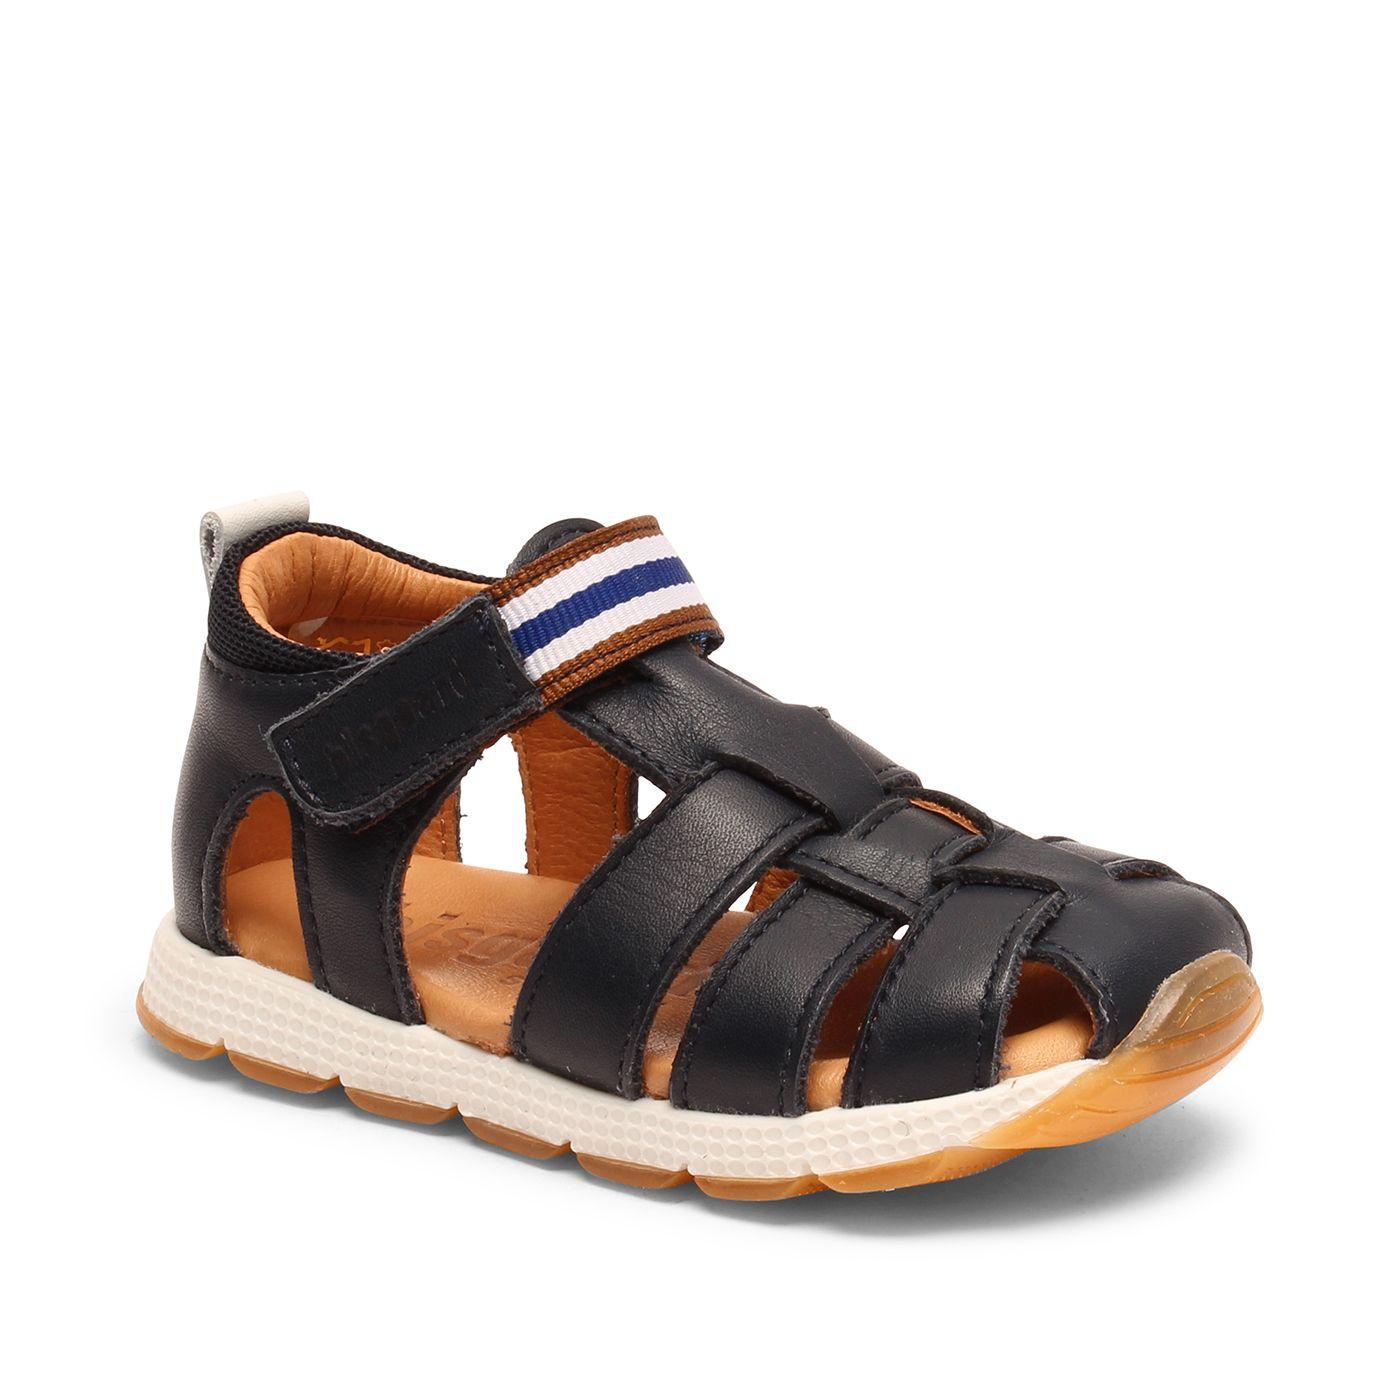 Bisgaard dětské kožené sandály 71241 - 1424